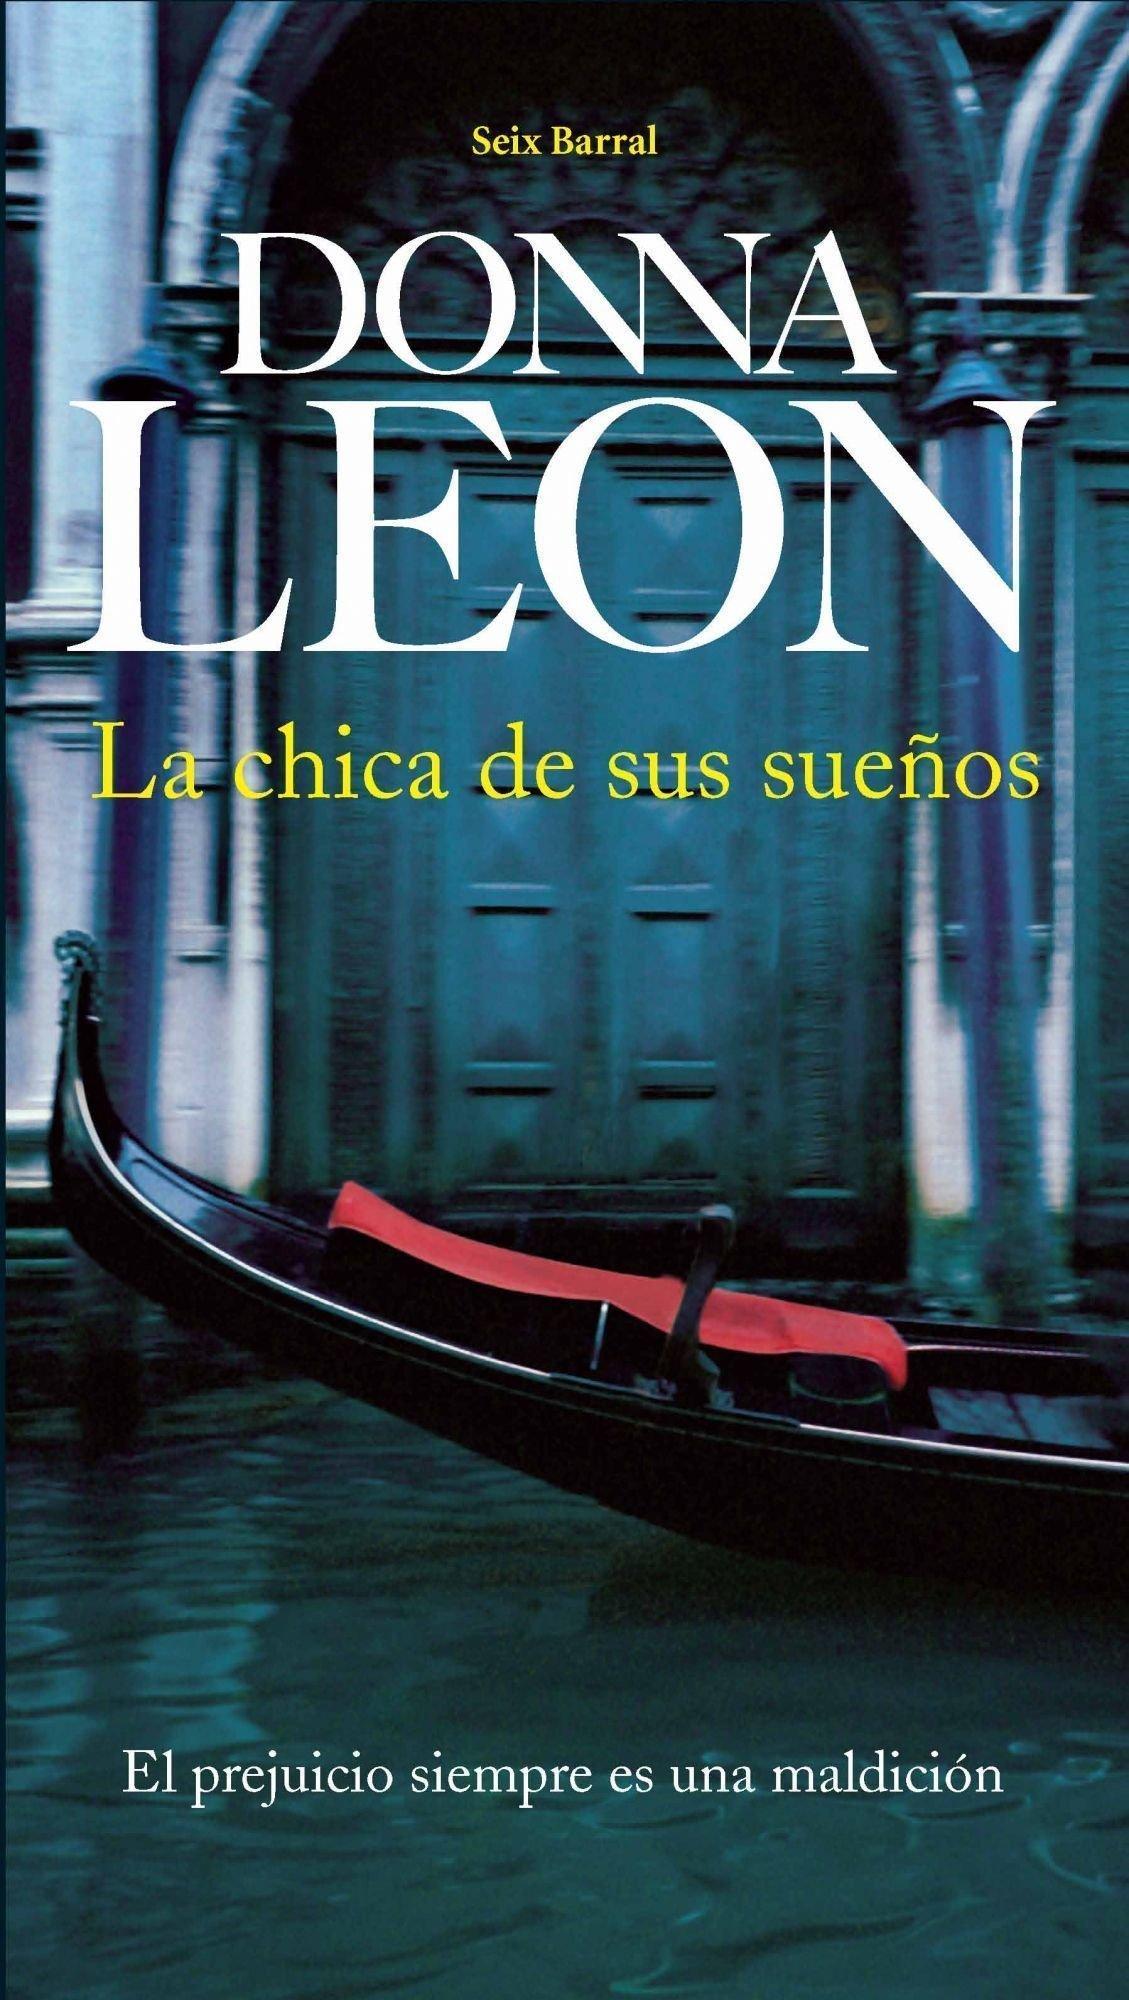 La chica de sus suenos (Fuera de coleccion) (Spanish Edition) (Spanish) Paperback – June 30, 2009